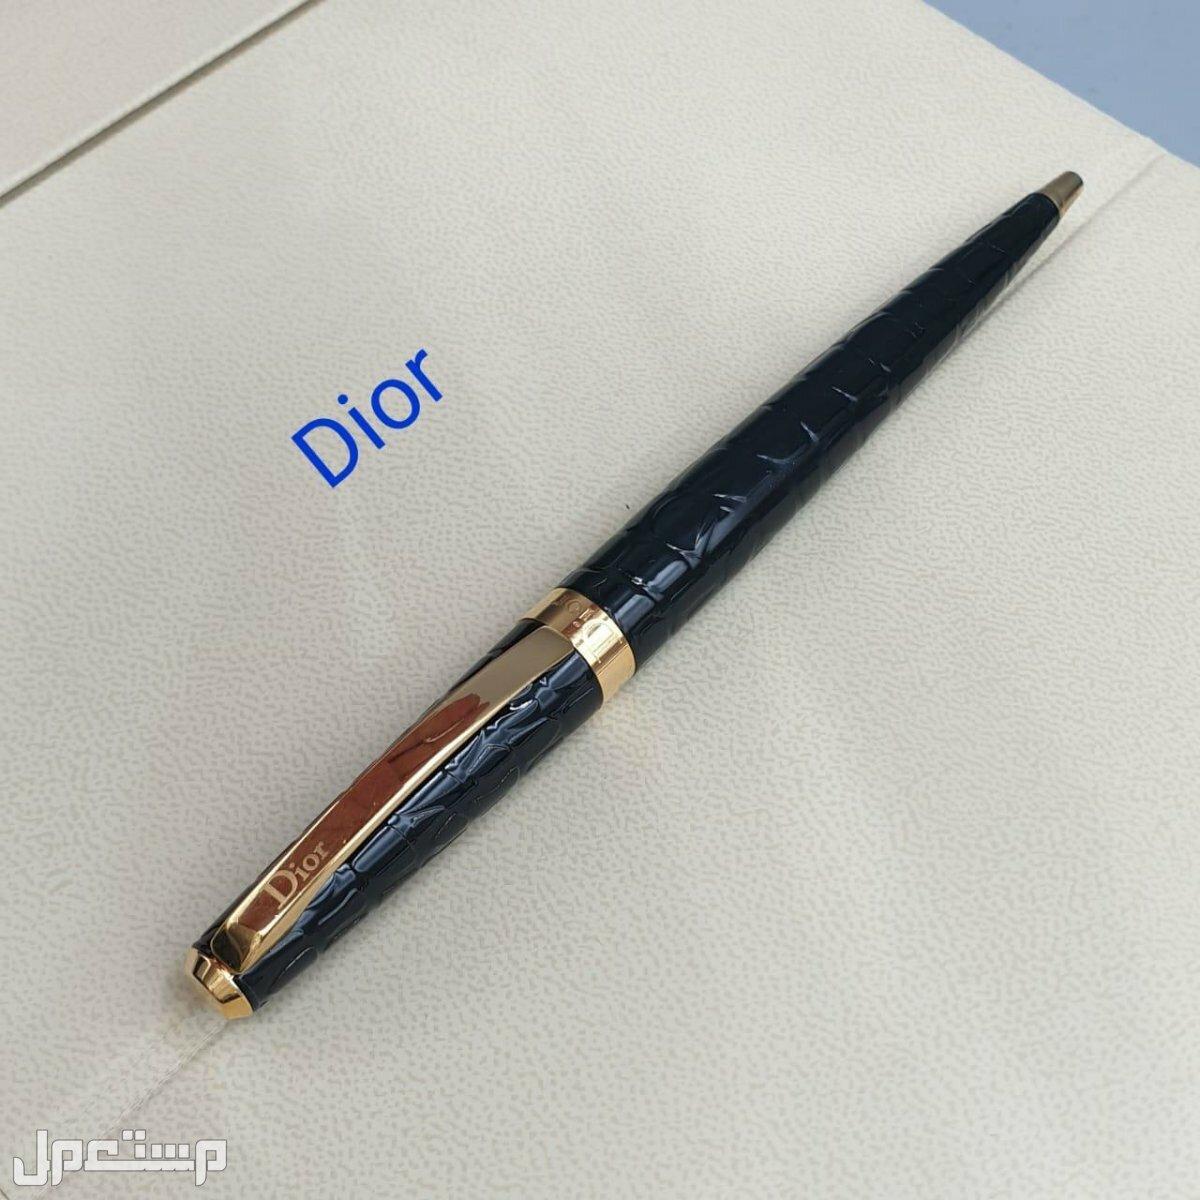 قلم ماركة ديور # يوجد توصيل